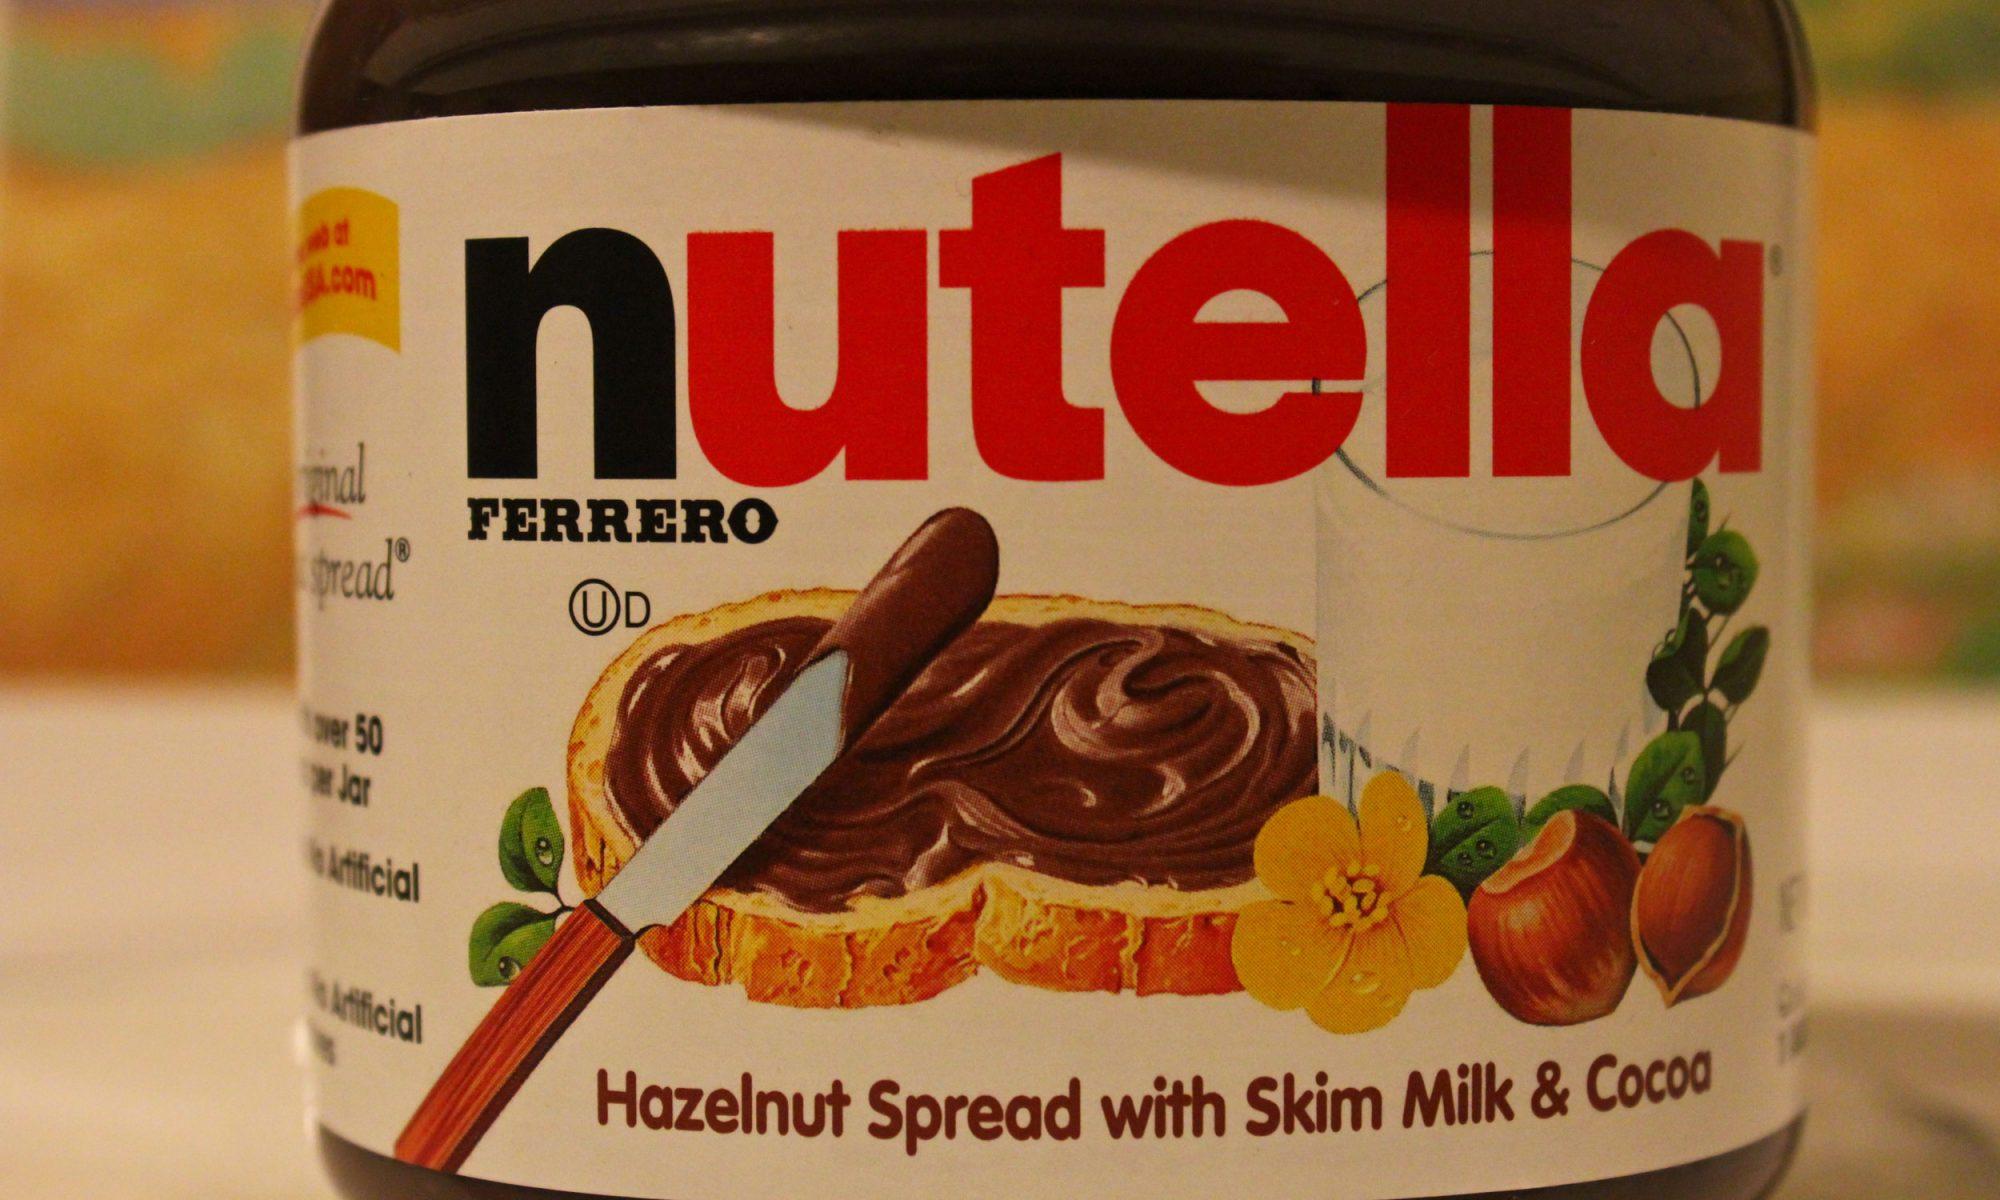 EC: Nutella Is Gross